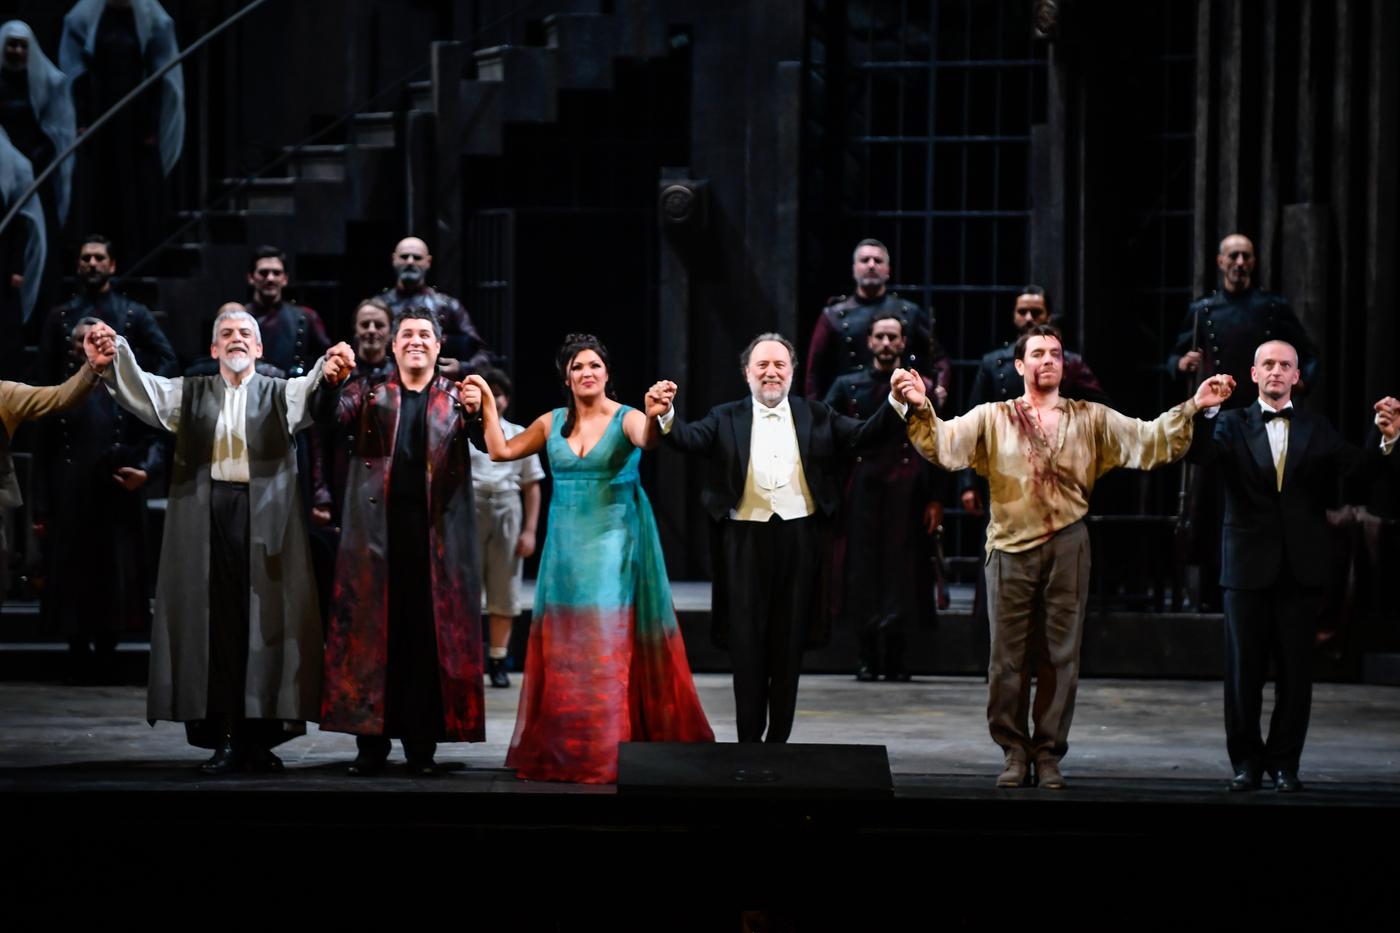 Il Teatro alla Scala di Milano costretto per la prima volta ad annullare la Prima del 7 dicembre: al suo posto un concerto di gala con un cast stellare